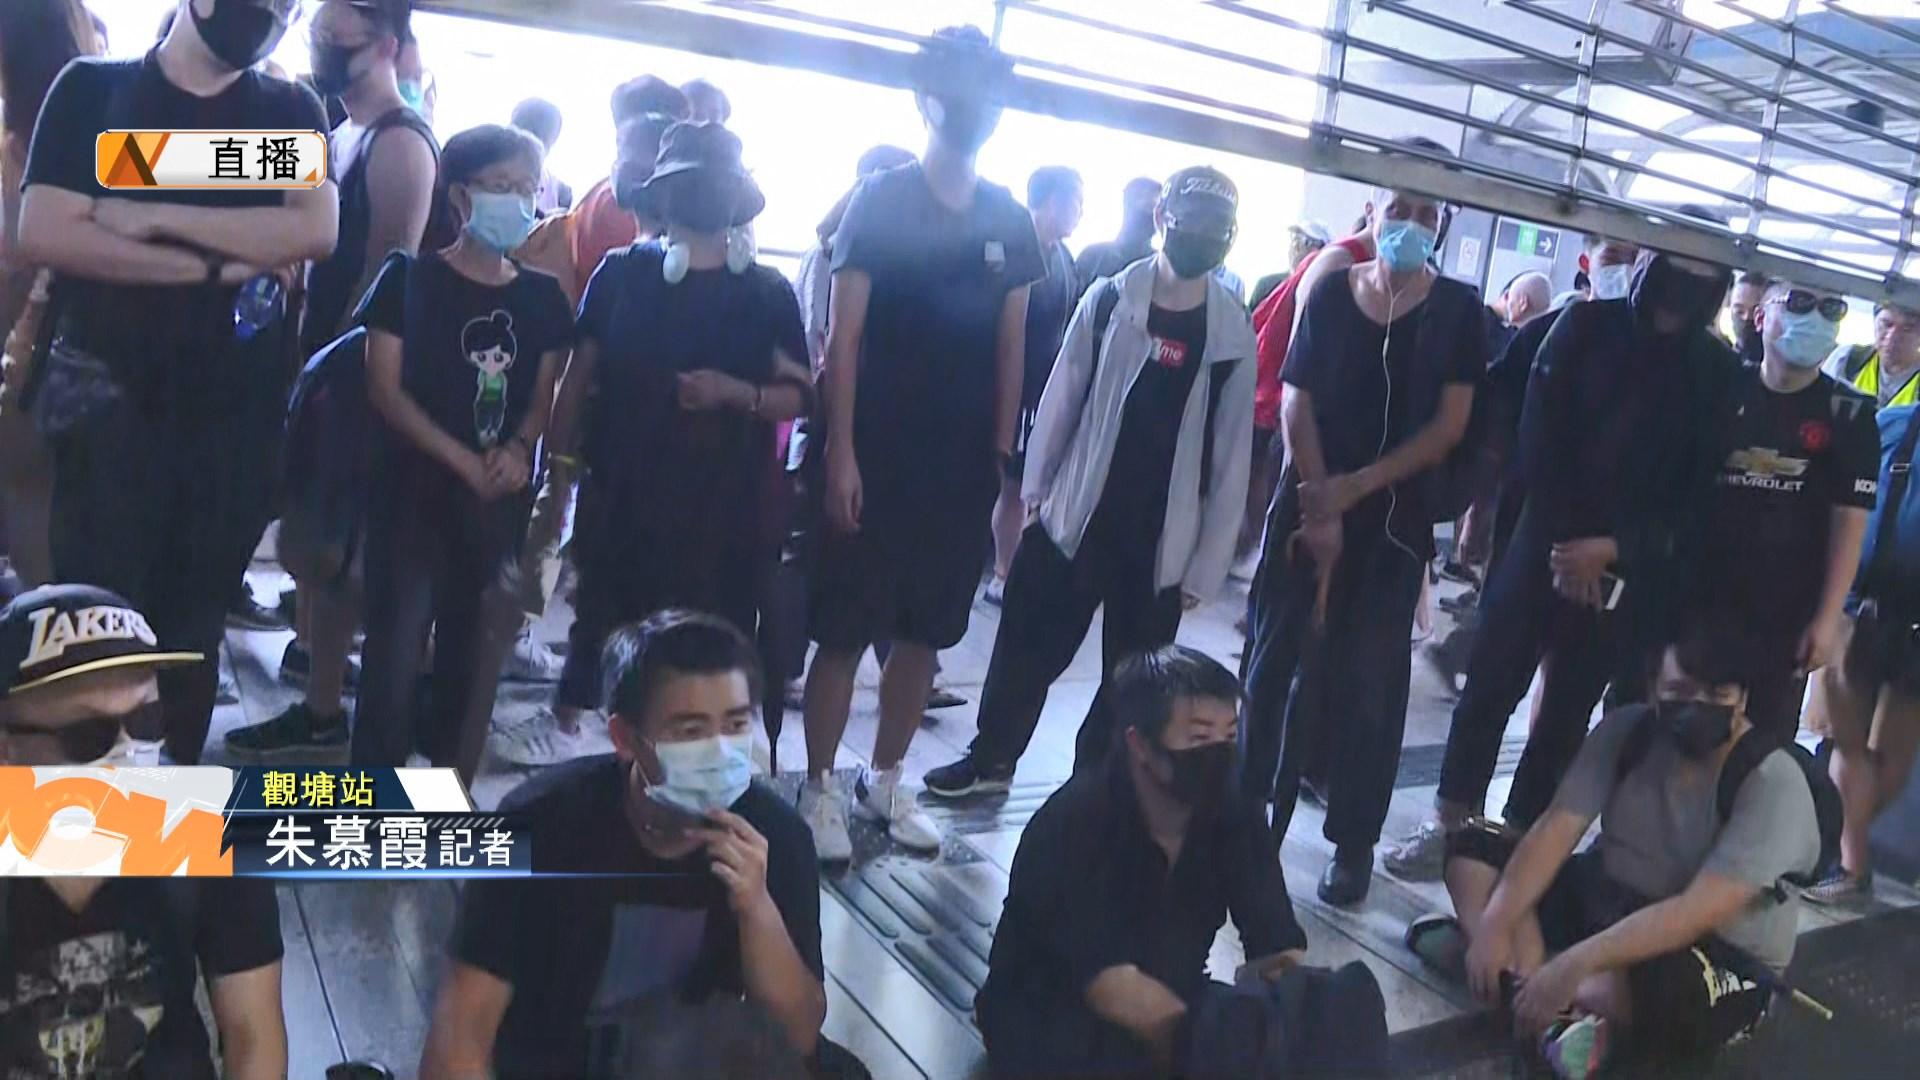 【現場報道】有市民阻觀塘港鐵站關閘